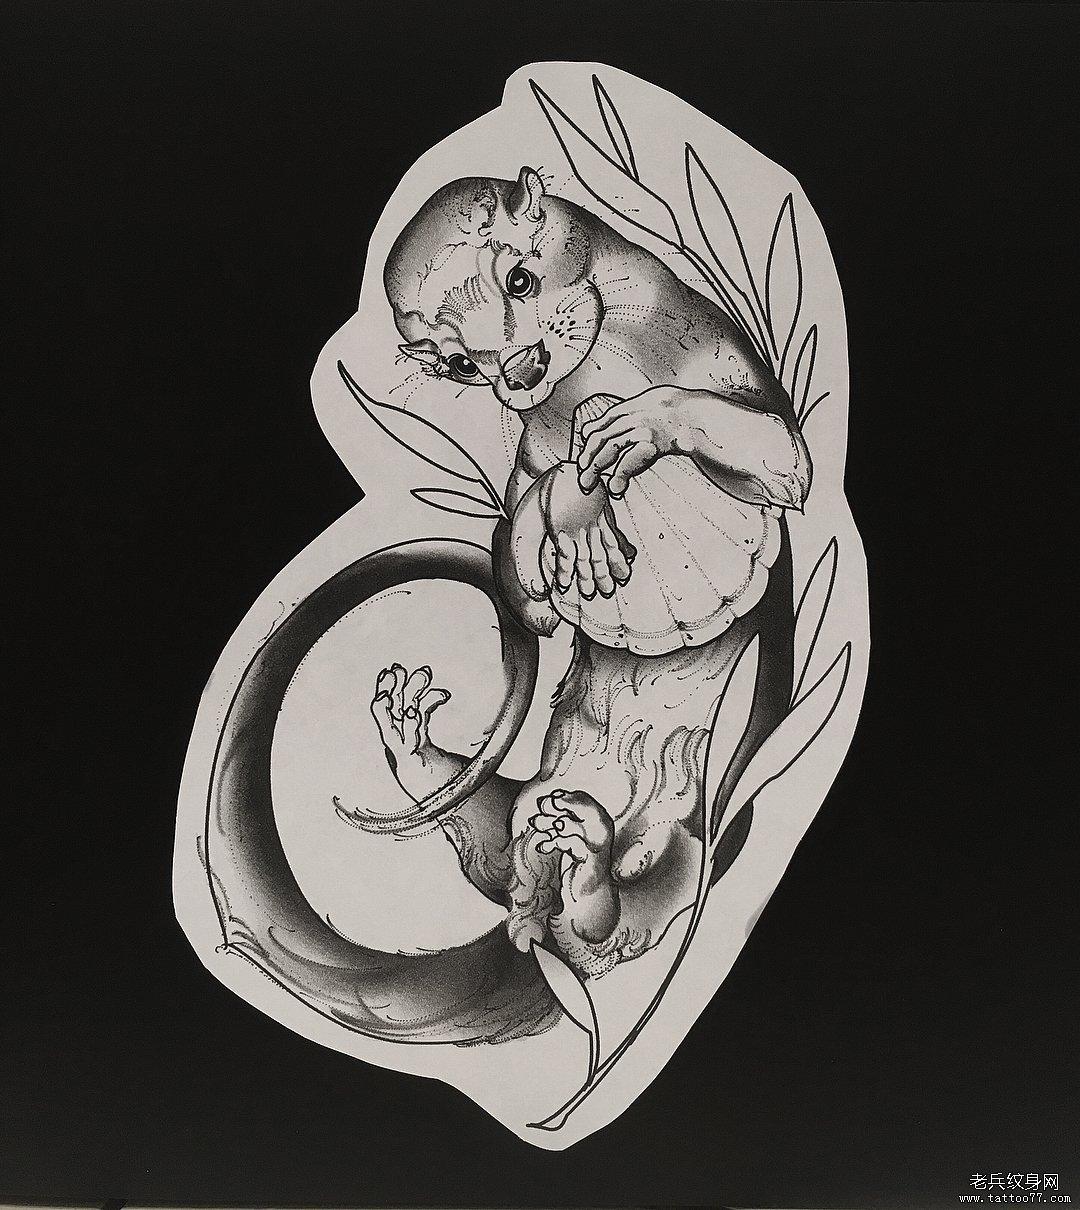 黑灰水懒手稿纹身图案